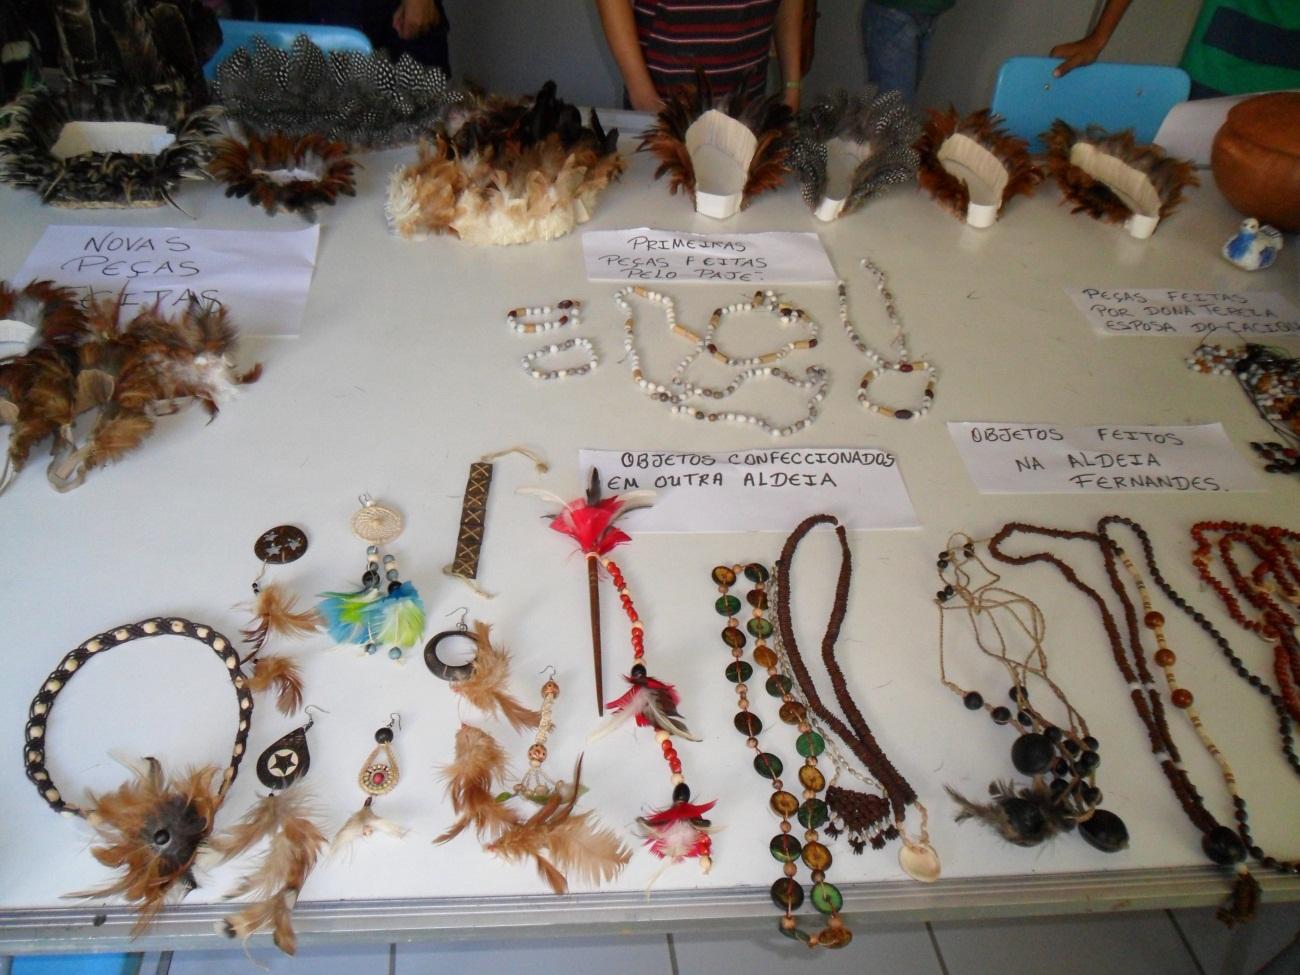 O Que Mais Vende Em Artesanato ~ Ponto de Memória MK Exposiç u00e3o Artesanato indígena kanindé